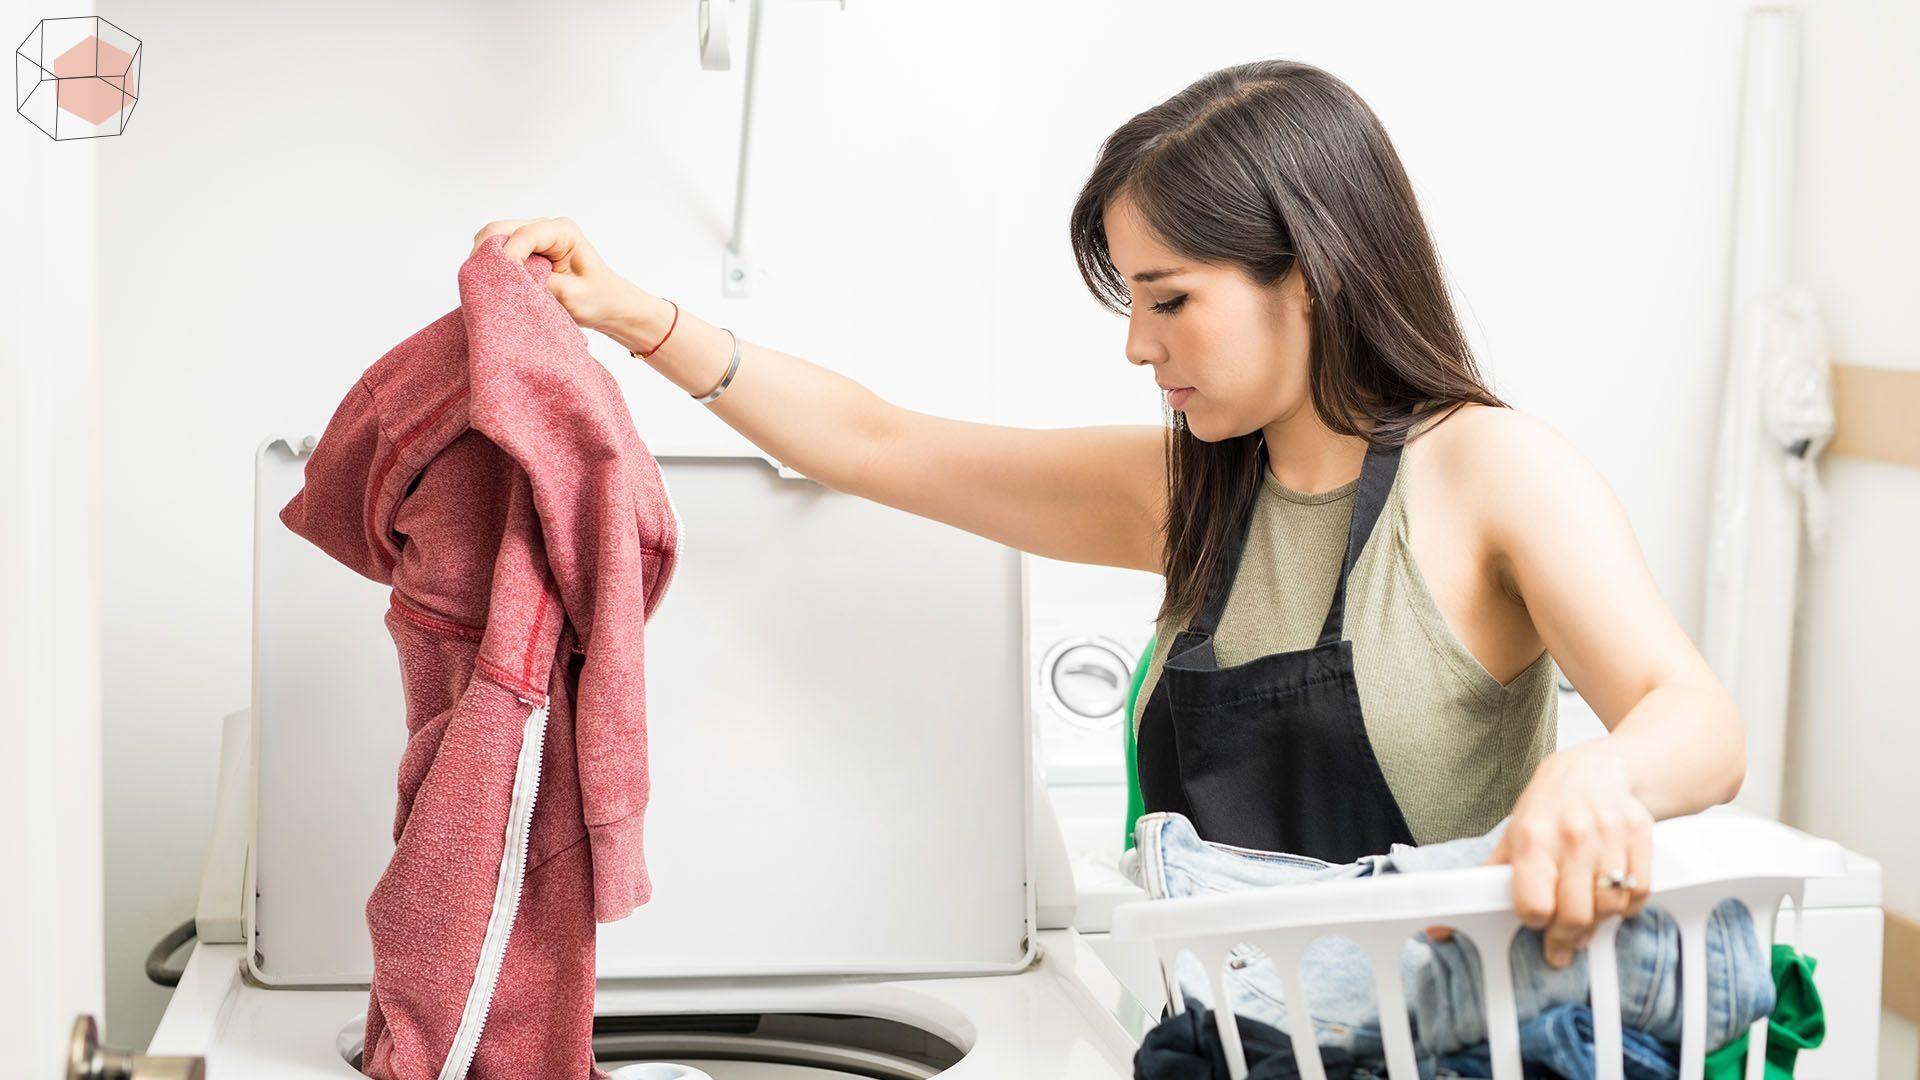 วิธีถนอมเสื้อผ้า